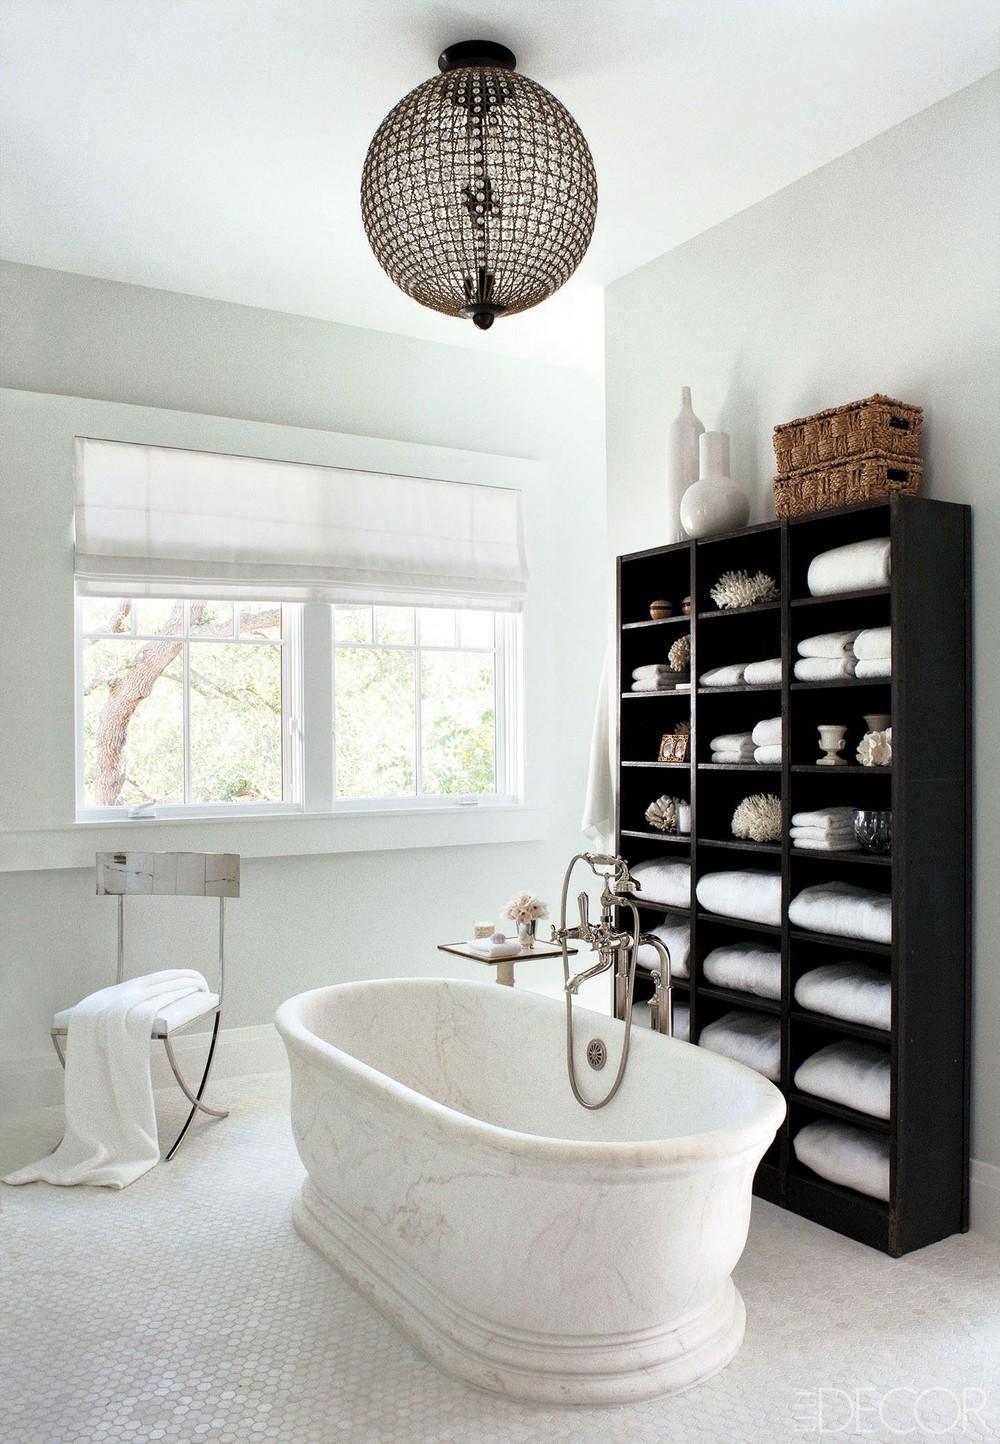 5 Bathroom Decor Ideas to Dramatically Upgrade Your Home Interiors 3